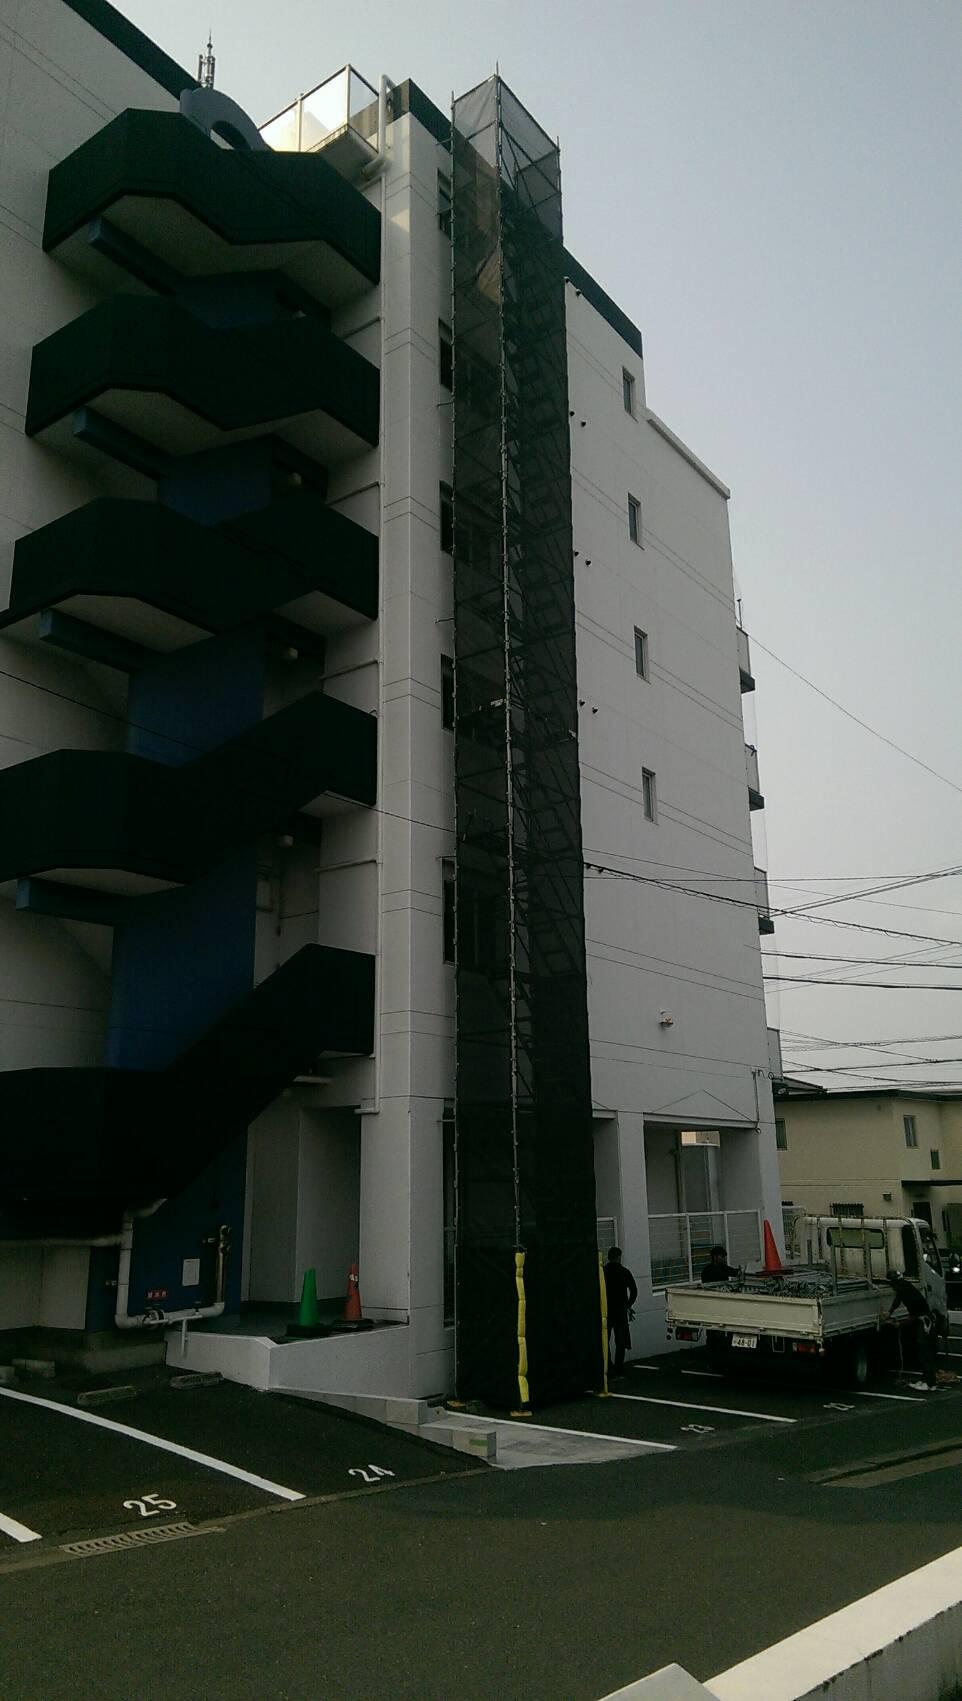 福岡県福岡市東区 昇降足場工事